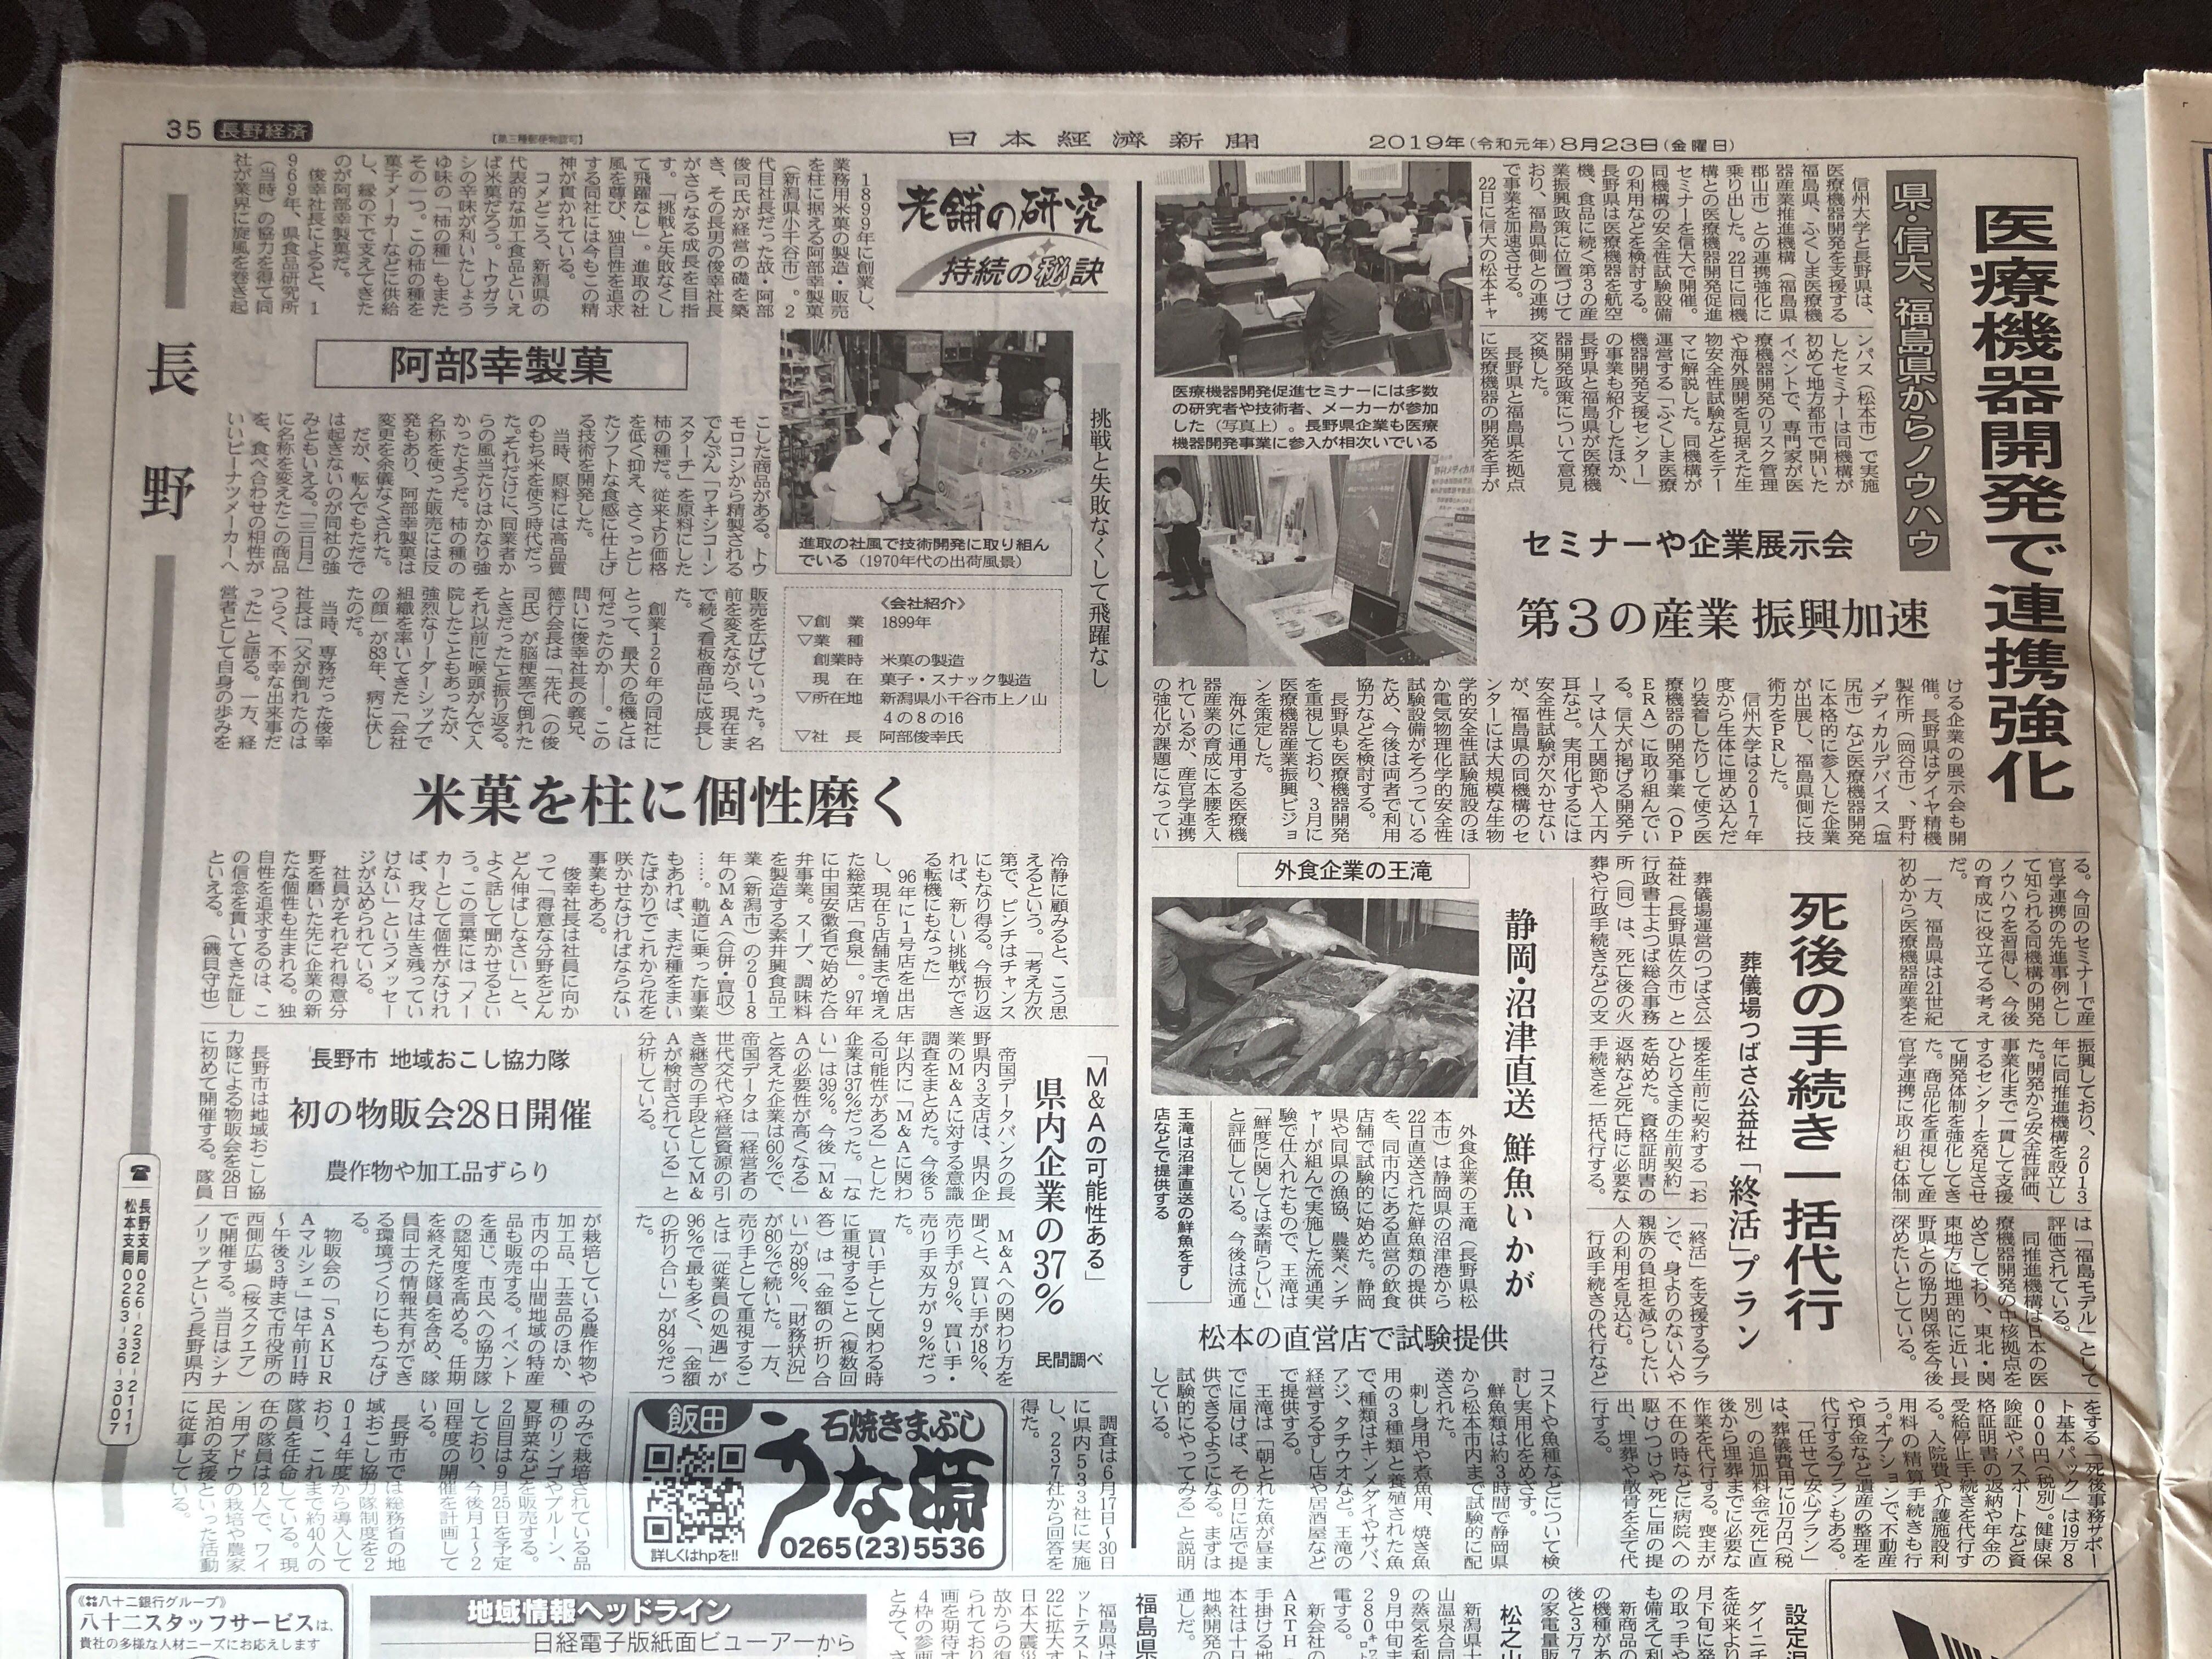 つばさ公益社@日本経済新聞長野経済ニュース